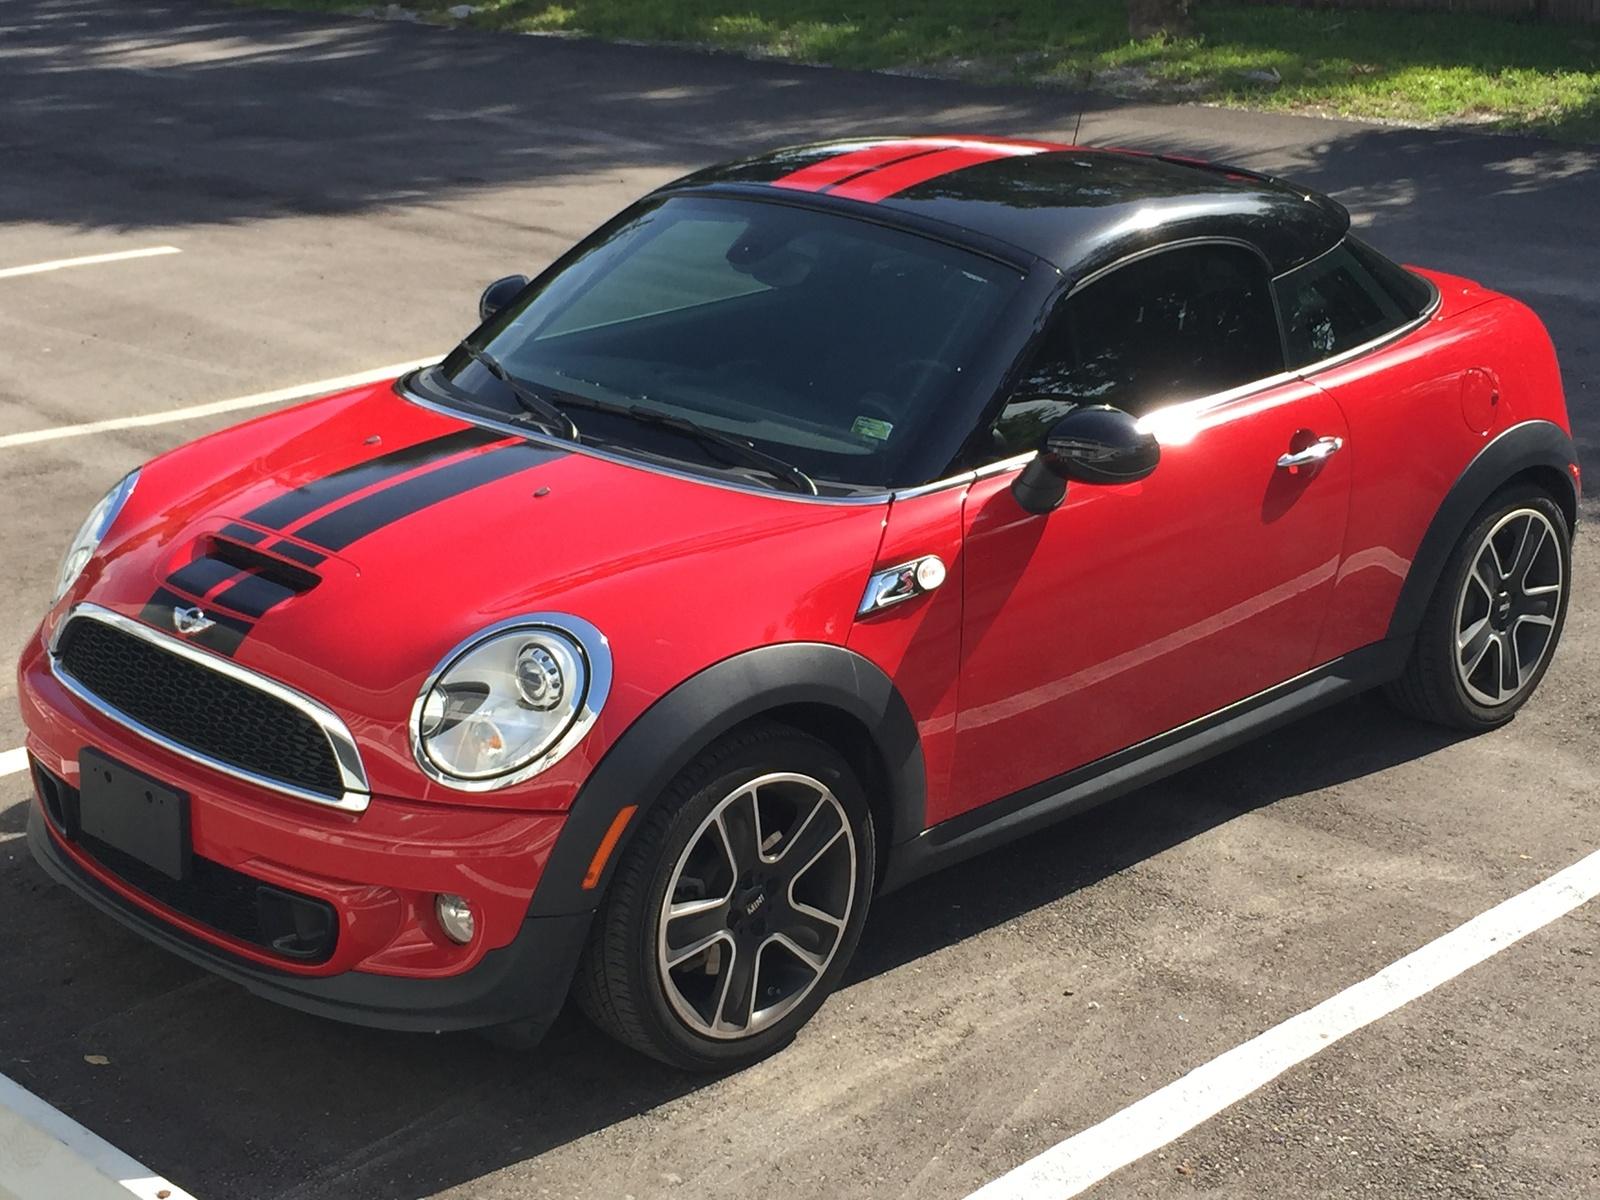 2013 mini cooper coupe overview cargurus - Mini cooper coupe occasion ...